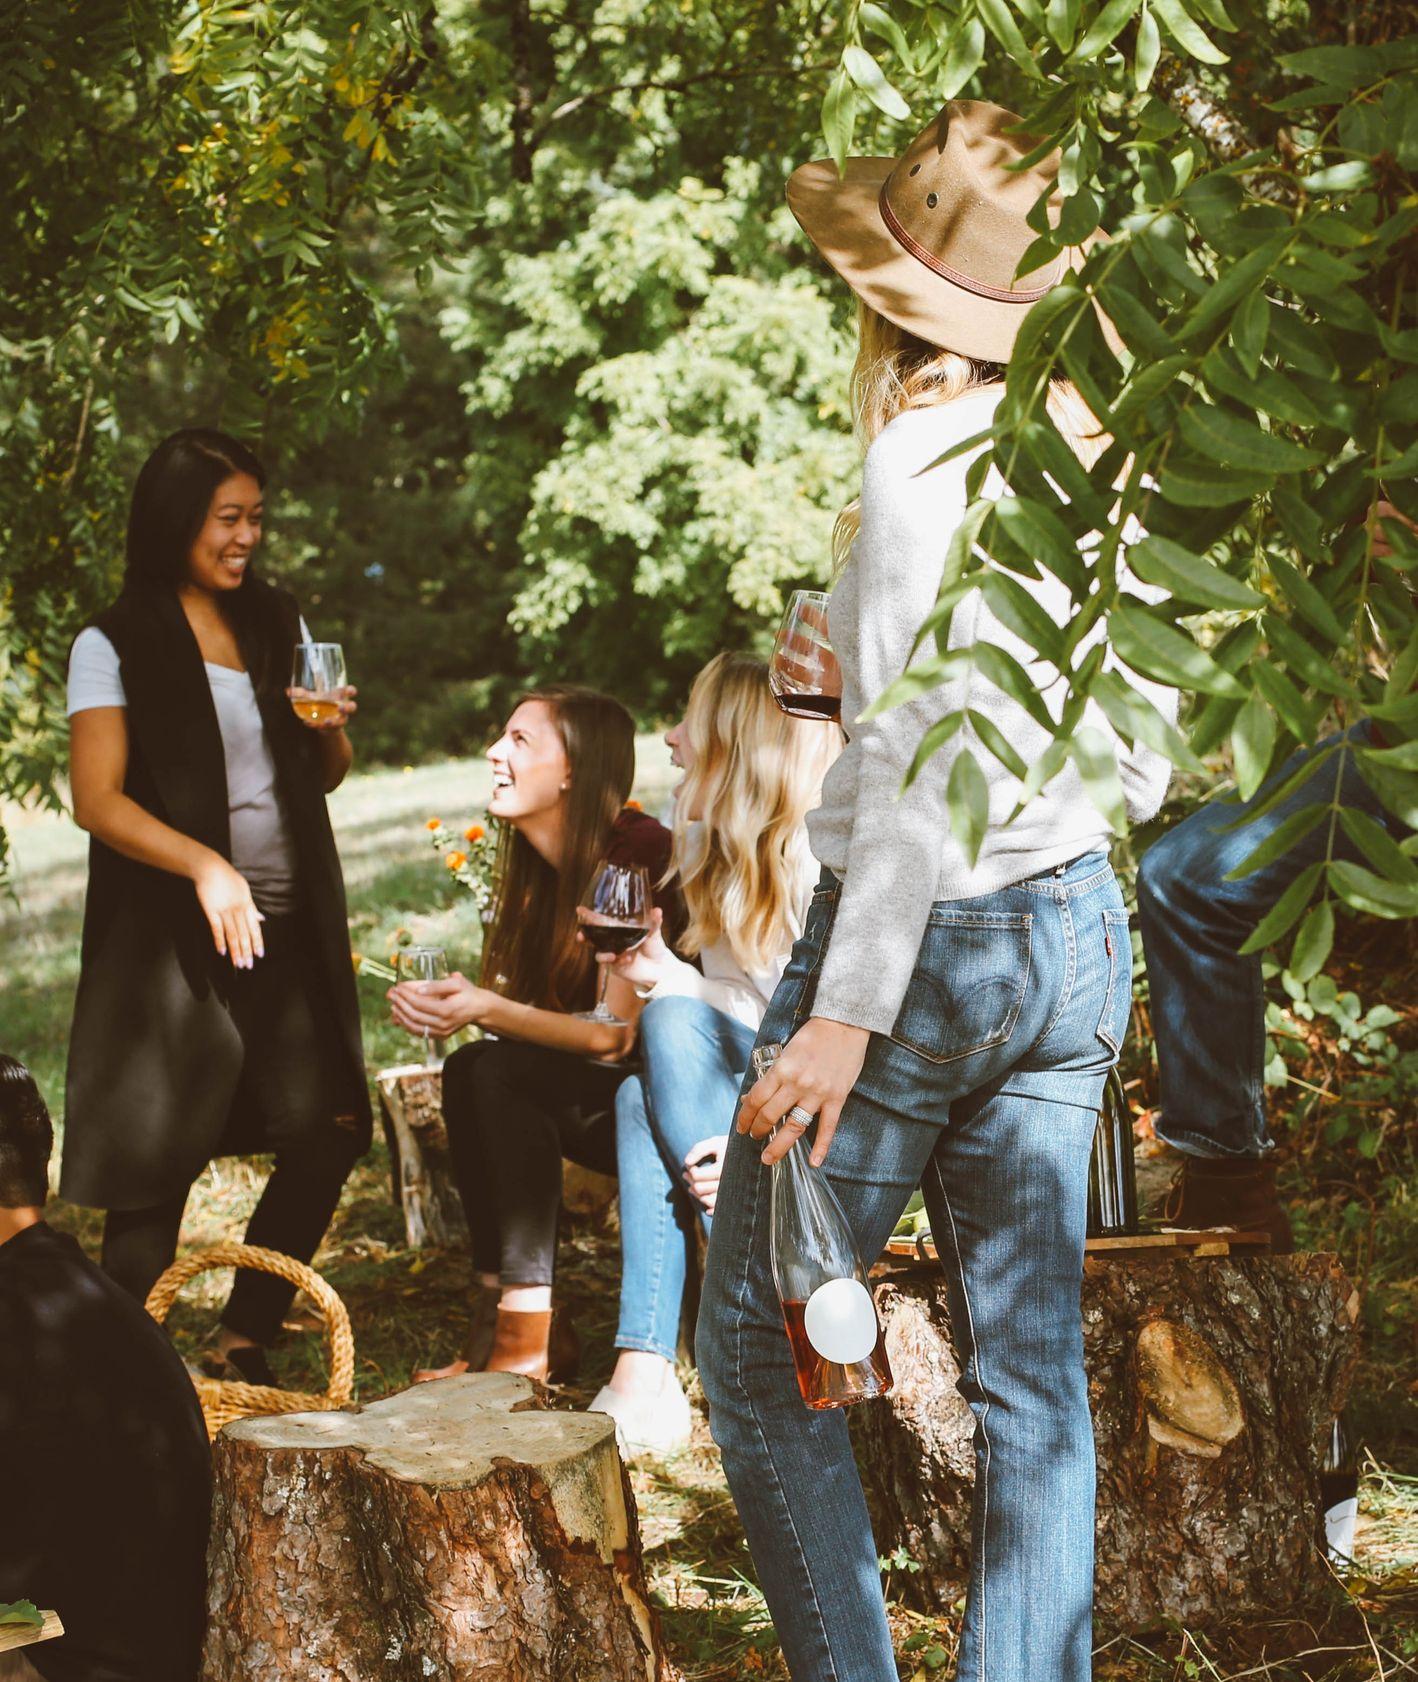 Koleżanki piją wino w plenerze (fot. Kelsey Chance / unsplash.com)